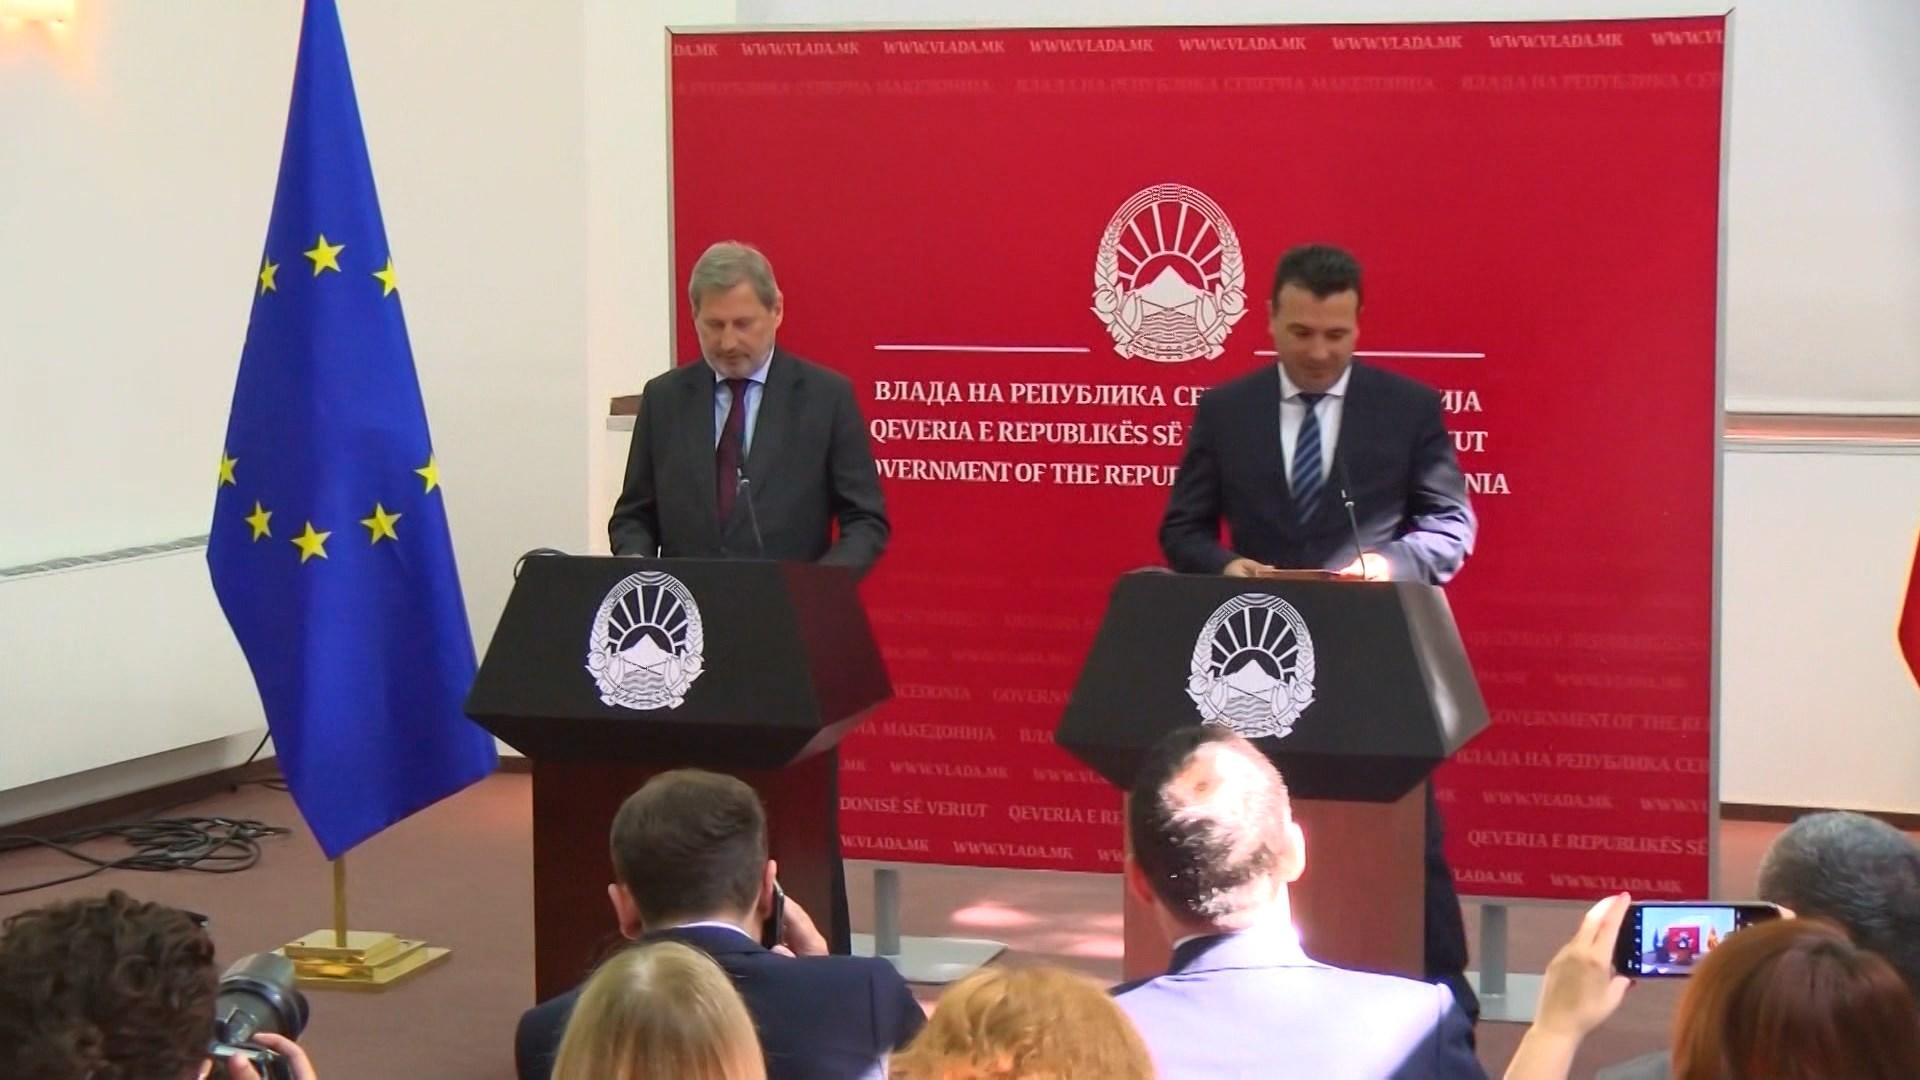 Hahn: Në tetor Maqedonia e Veriut do të marrë datën për hapjen e negociatave